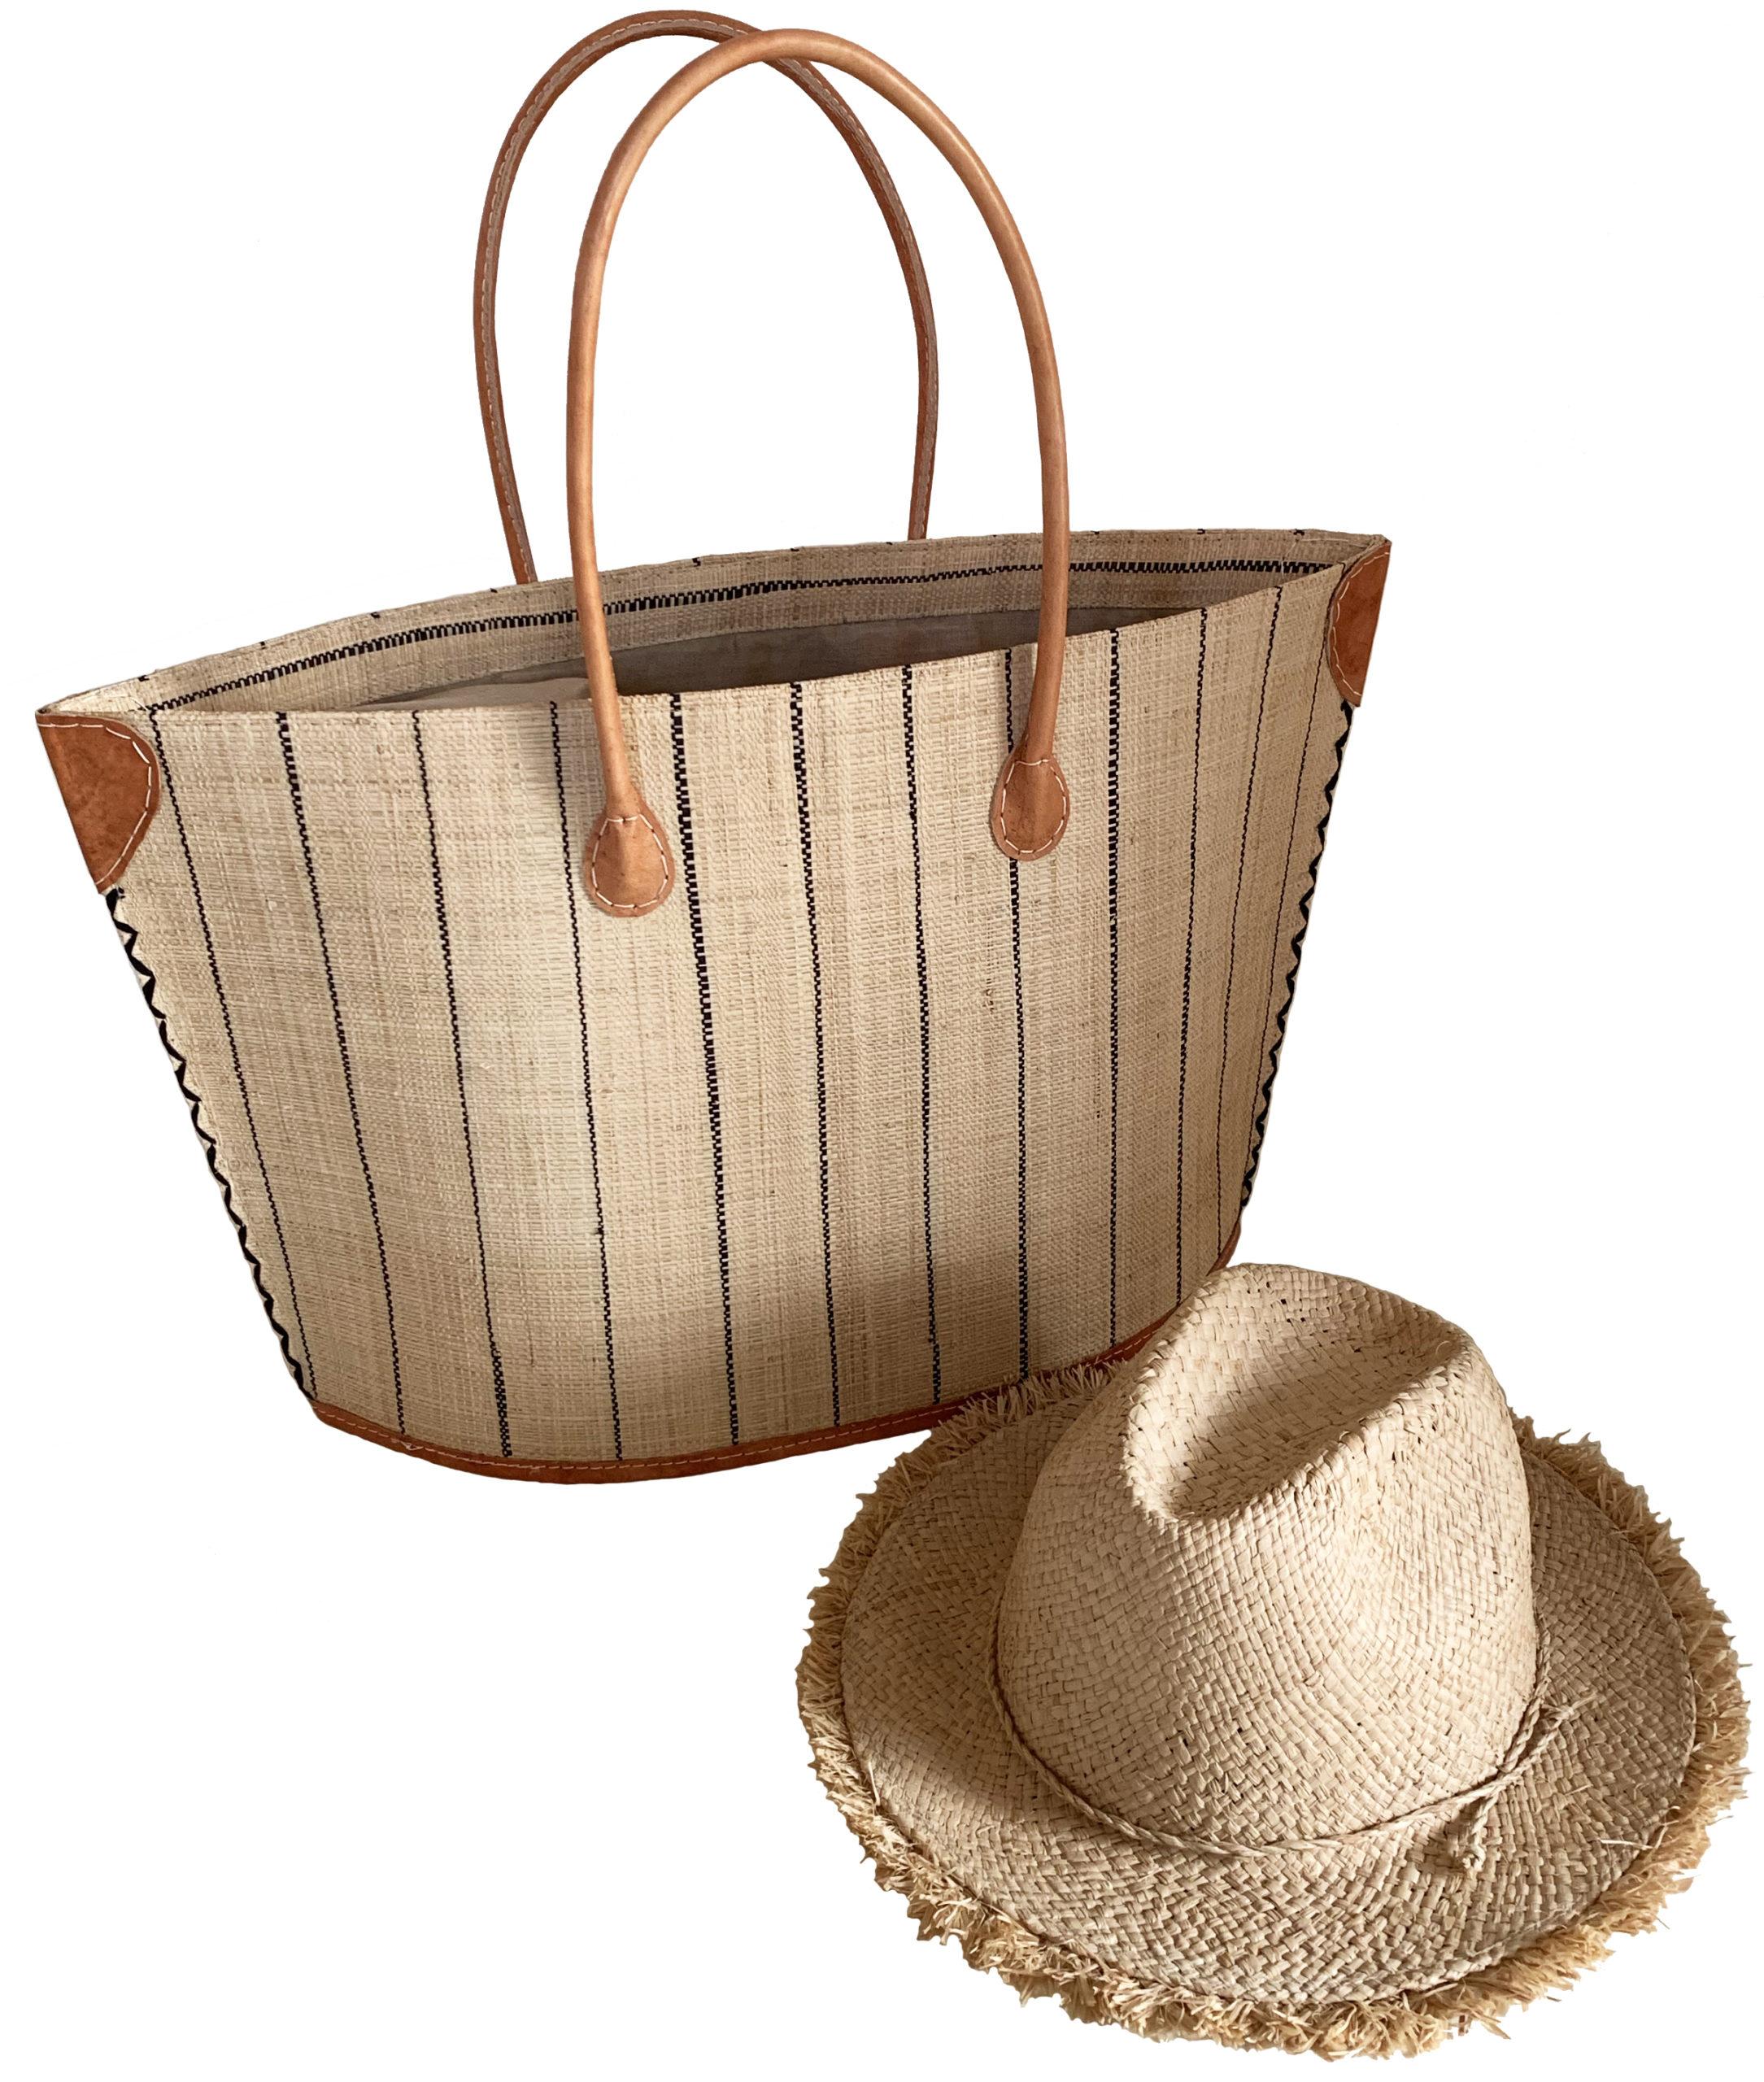 Bag and hat, £25, BasketBasket